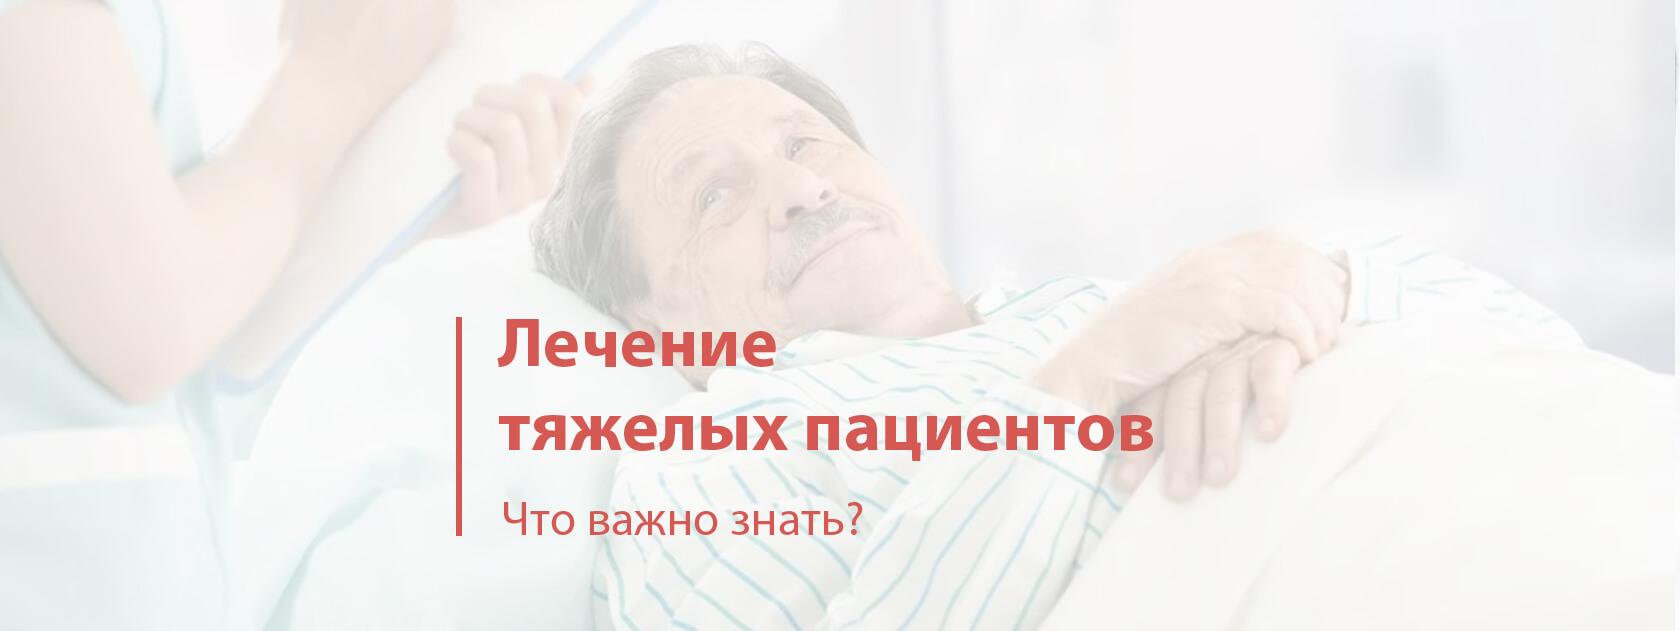 Лечение тяжелых пациентов